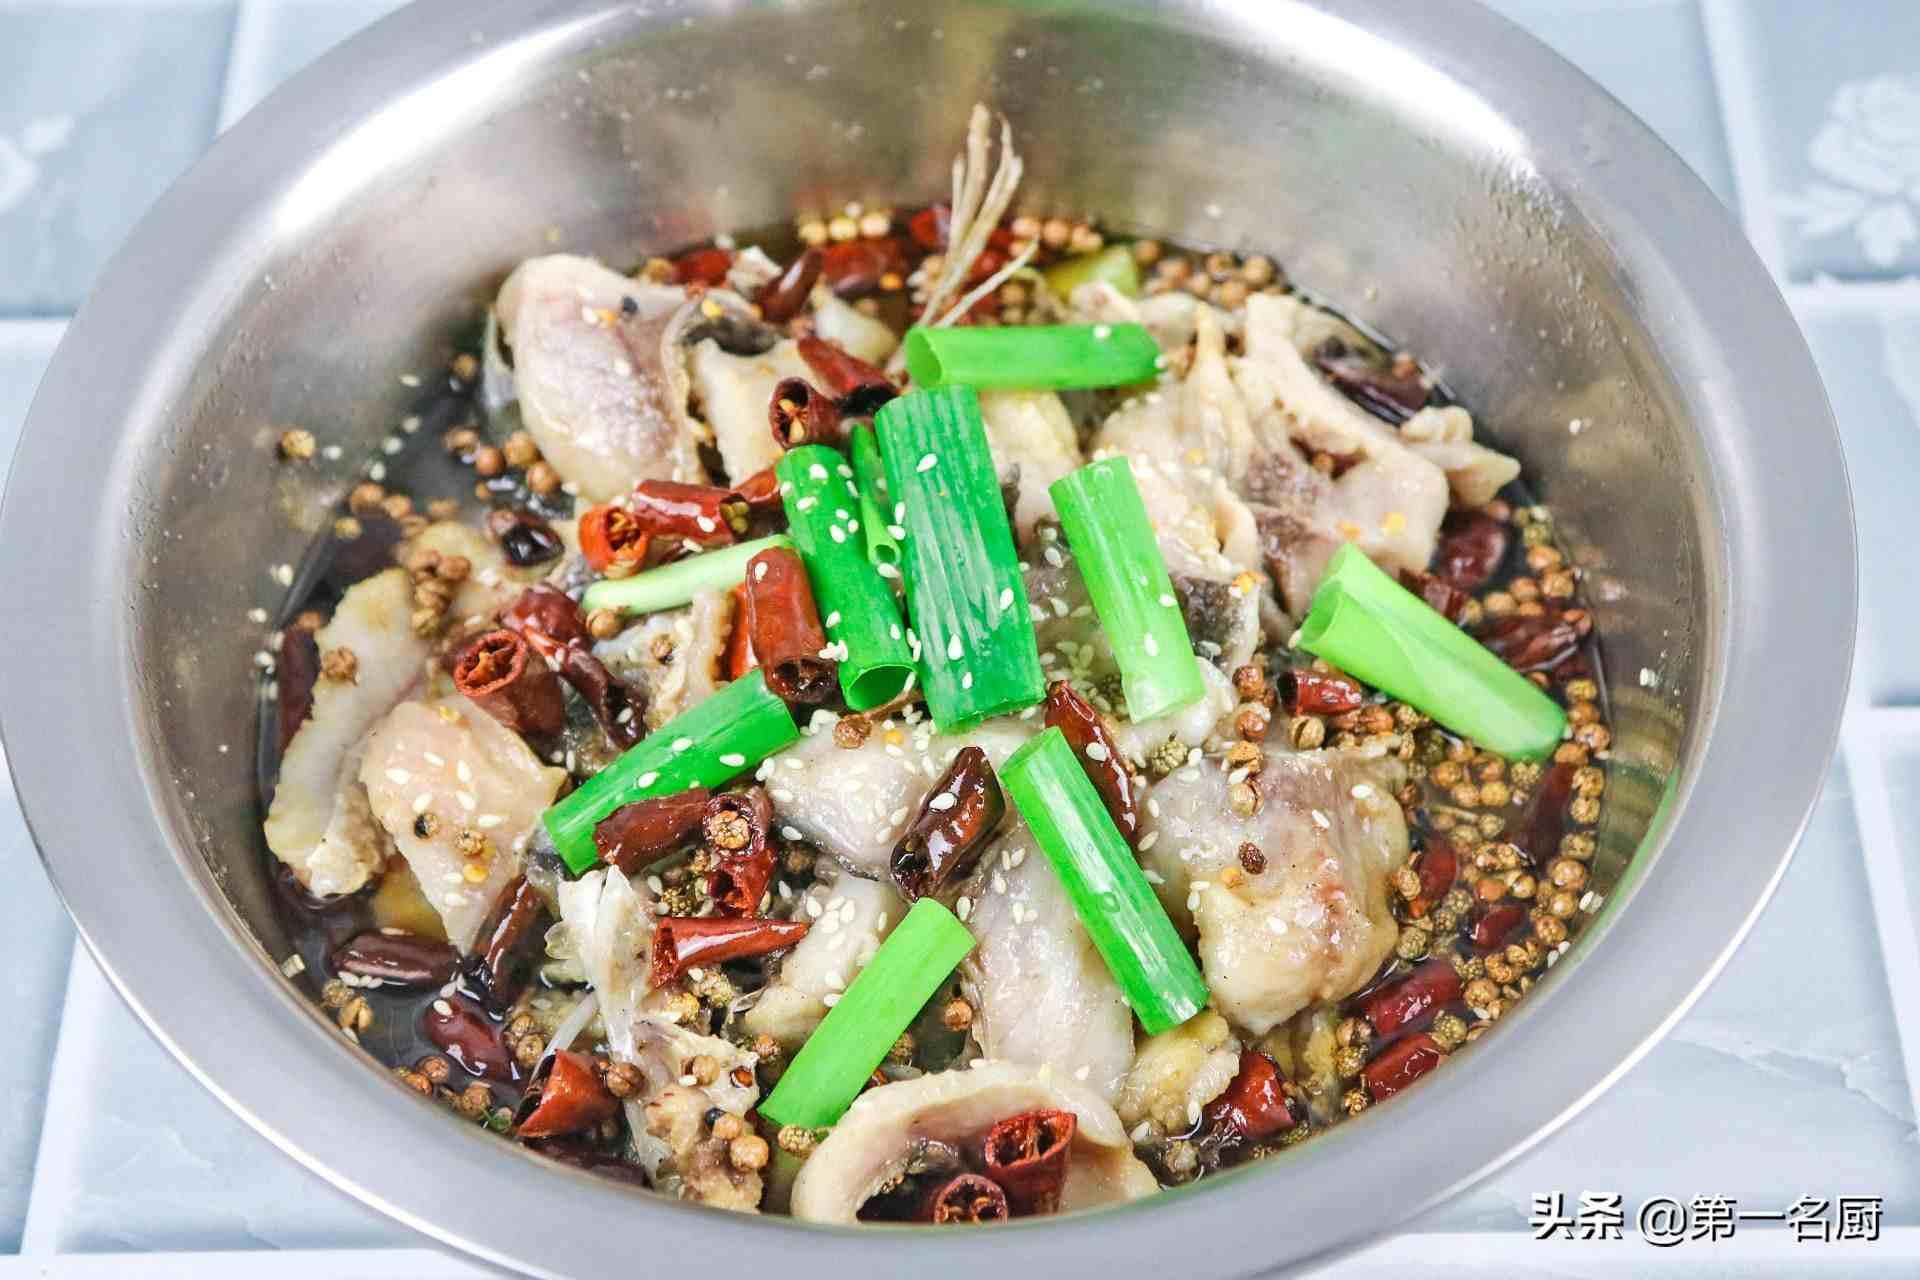 这才是沸腾鱼简单又好吃的做法,鱼肉鲜嫩,香辣开胃,越吃越过瘾